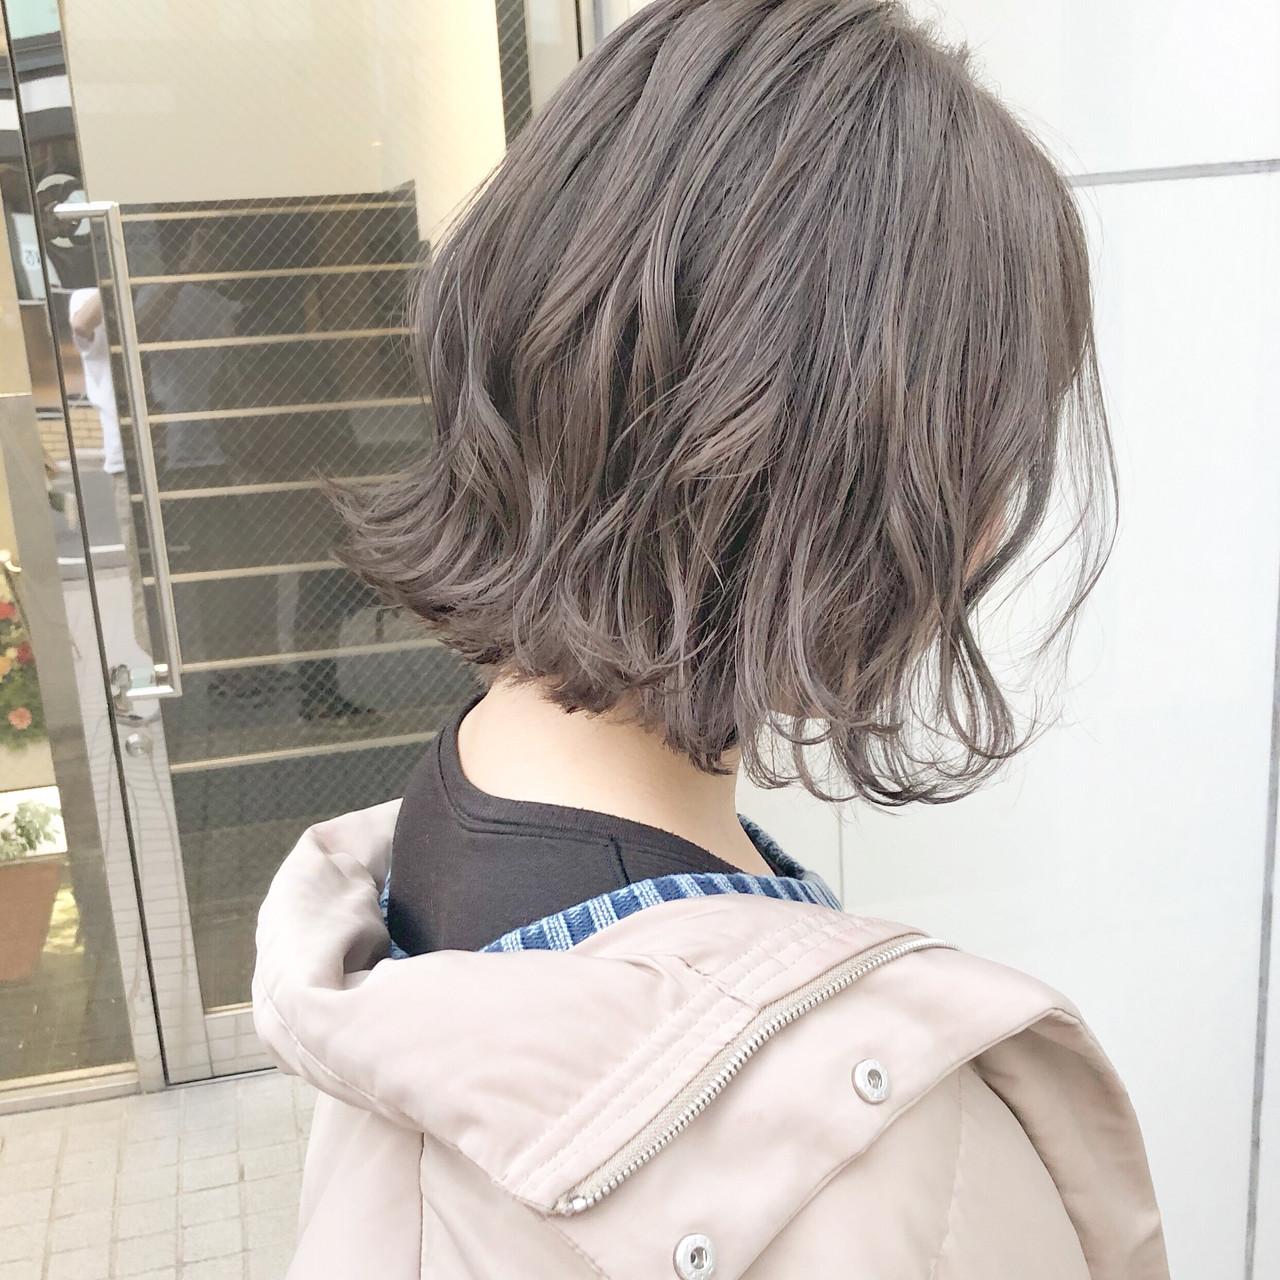 ボブ ミニボブ 大人かわいい デート ヘアスタイルや髪型の写真・画像   『ボブ美容師』永田邦彦 表参道 / send by HAIR